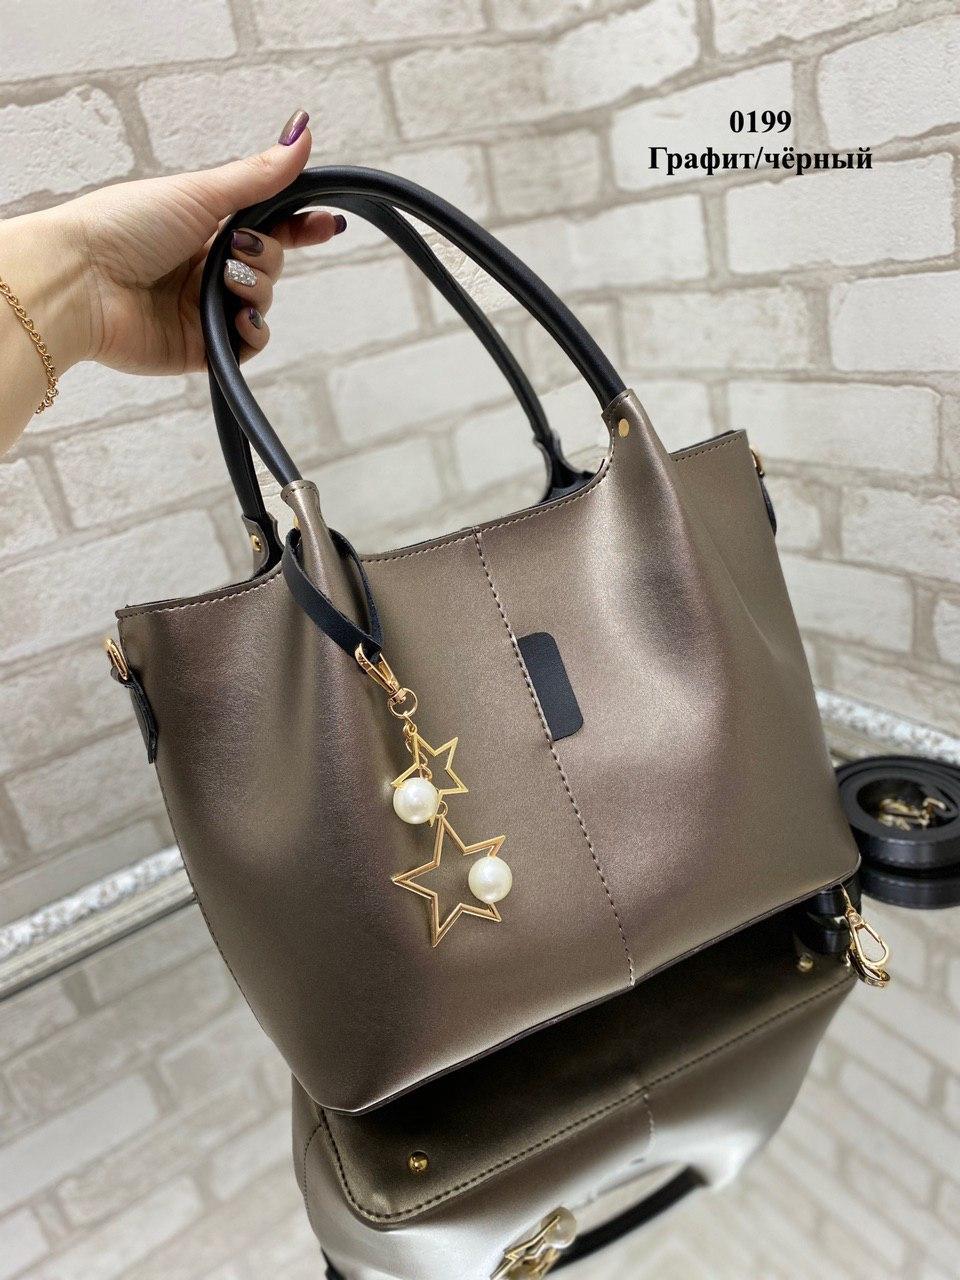 Большая вместительная серебристая женская сумка на плечо шоппер графит экокожа